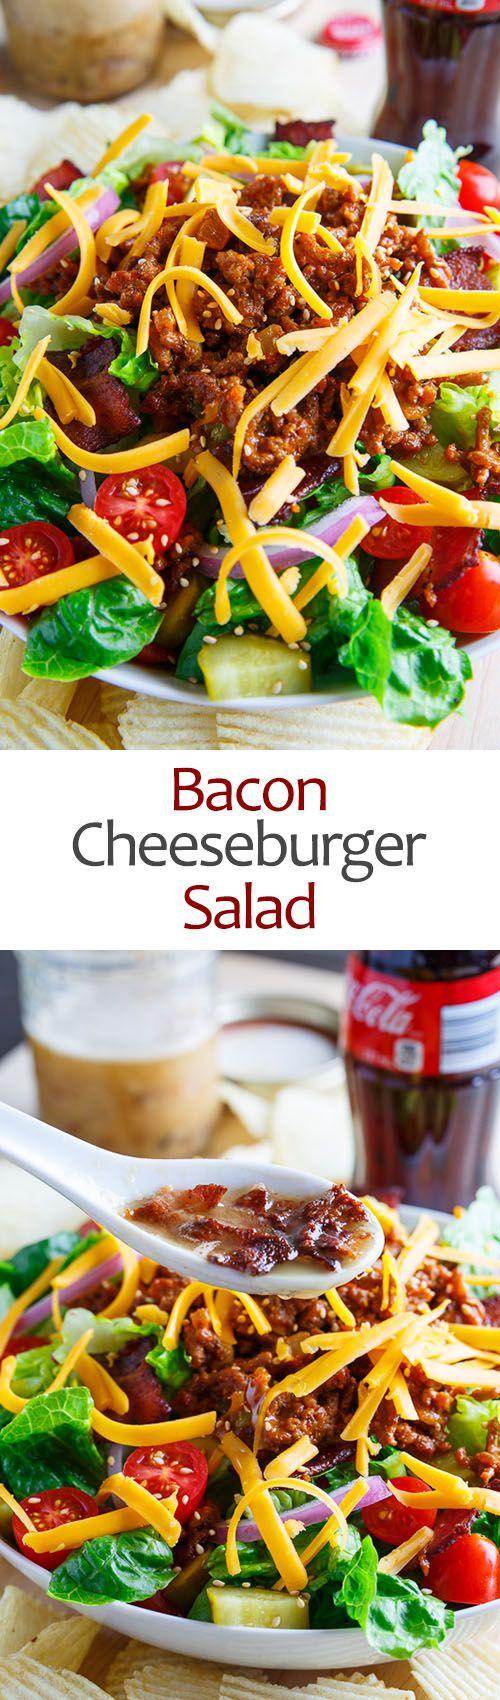 Bacon Cheeseburger Salad | Recipe | Salads, Bacon and Cheese Burger